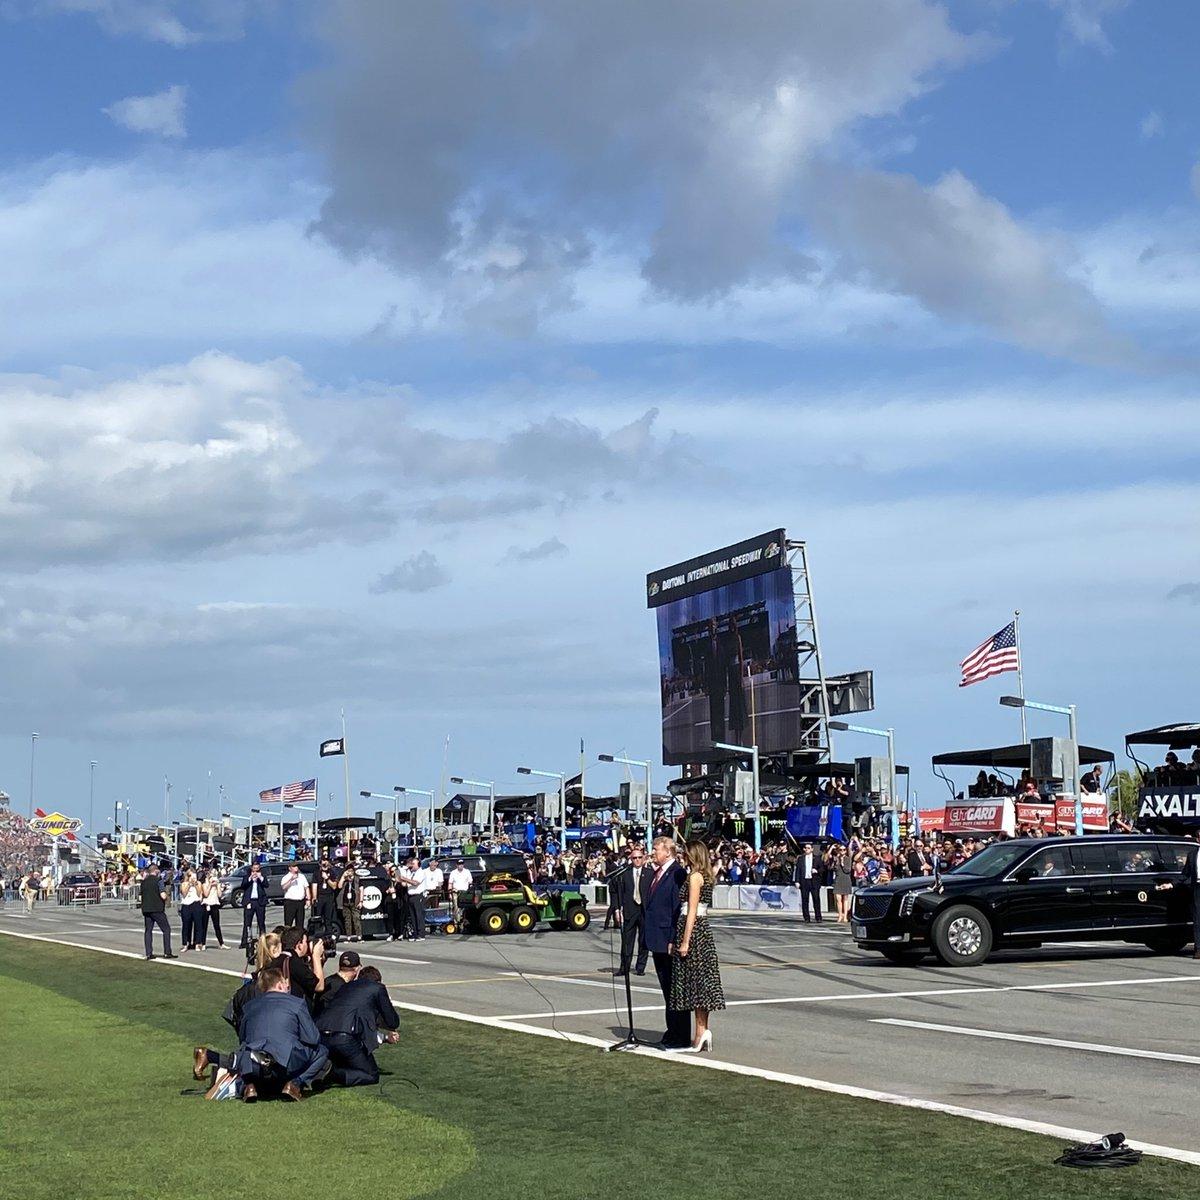 Scenes from President Trump's visit to Daytona 500